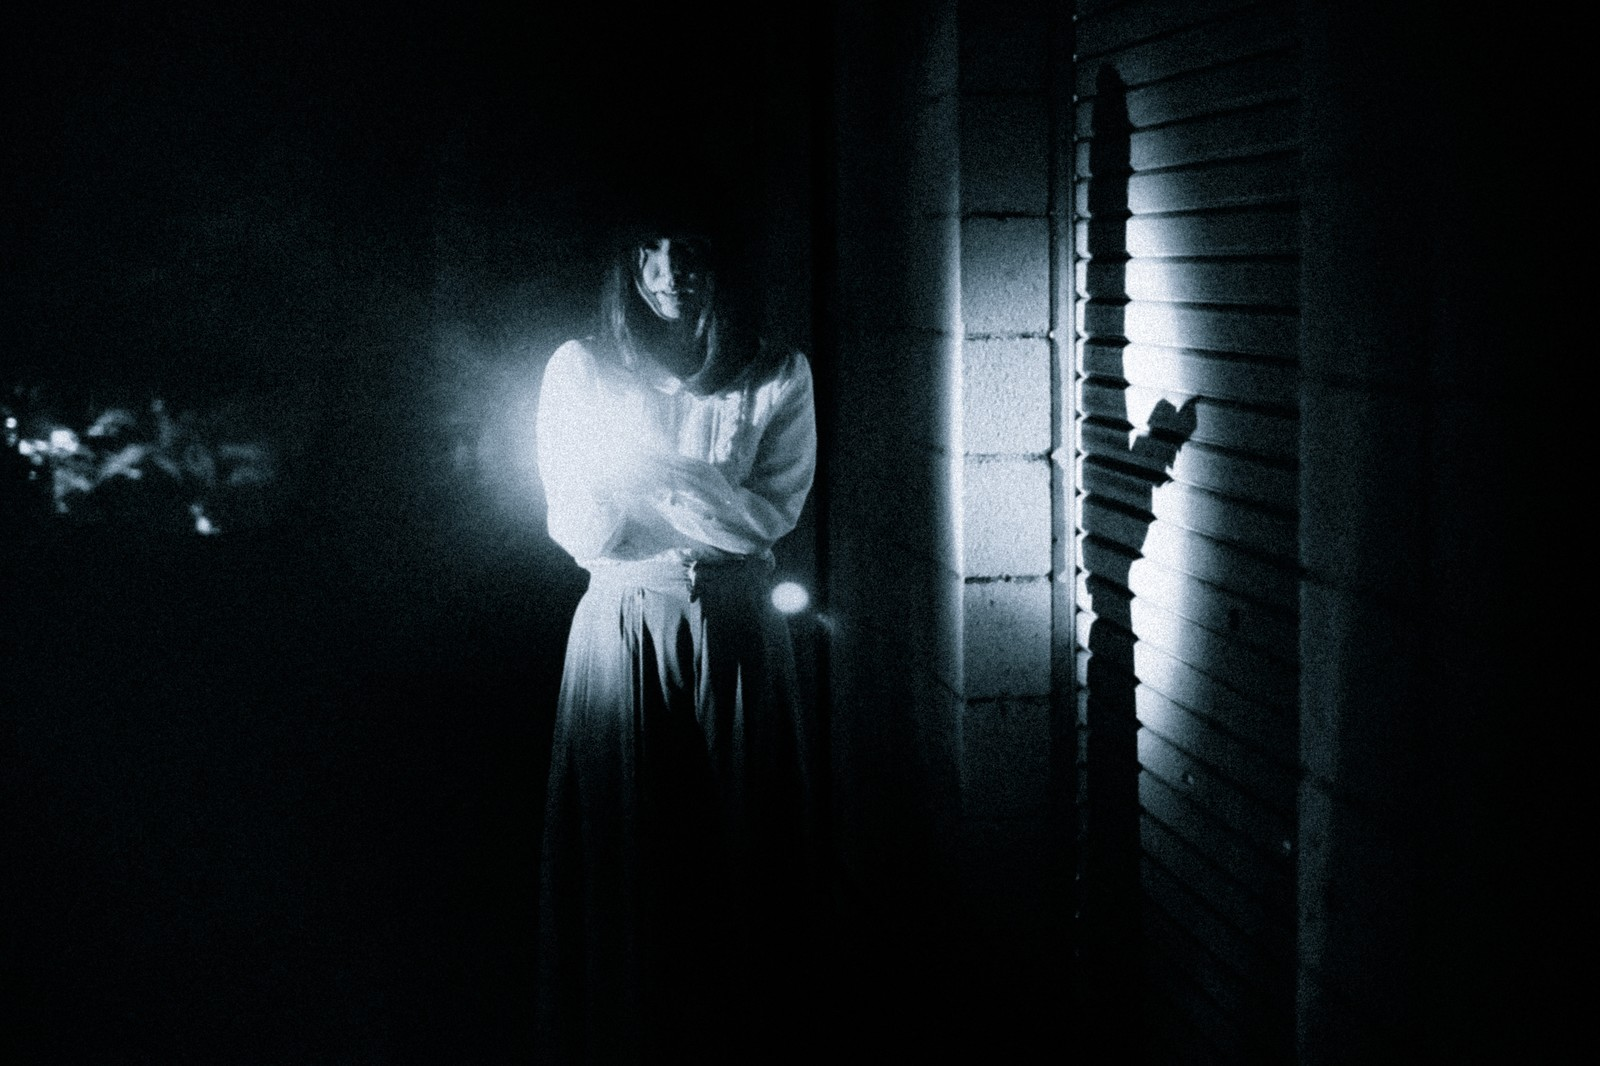 「恐る恐る暗闇を歩く女性の姿恐る恐る暗闇を歩く女性の姿」[モデル:さとうゆい]のフリー写真素材を拡大